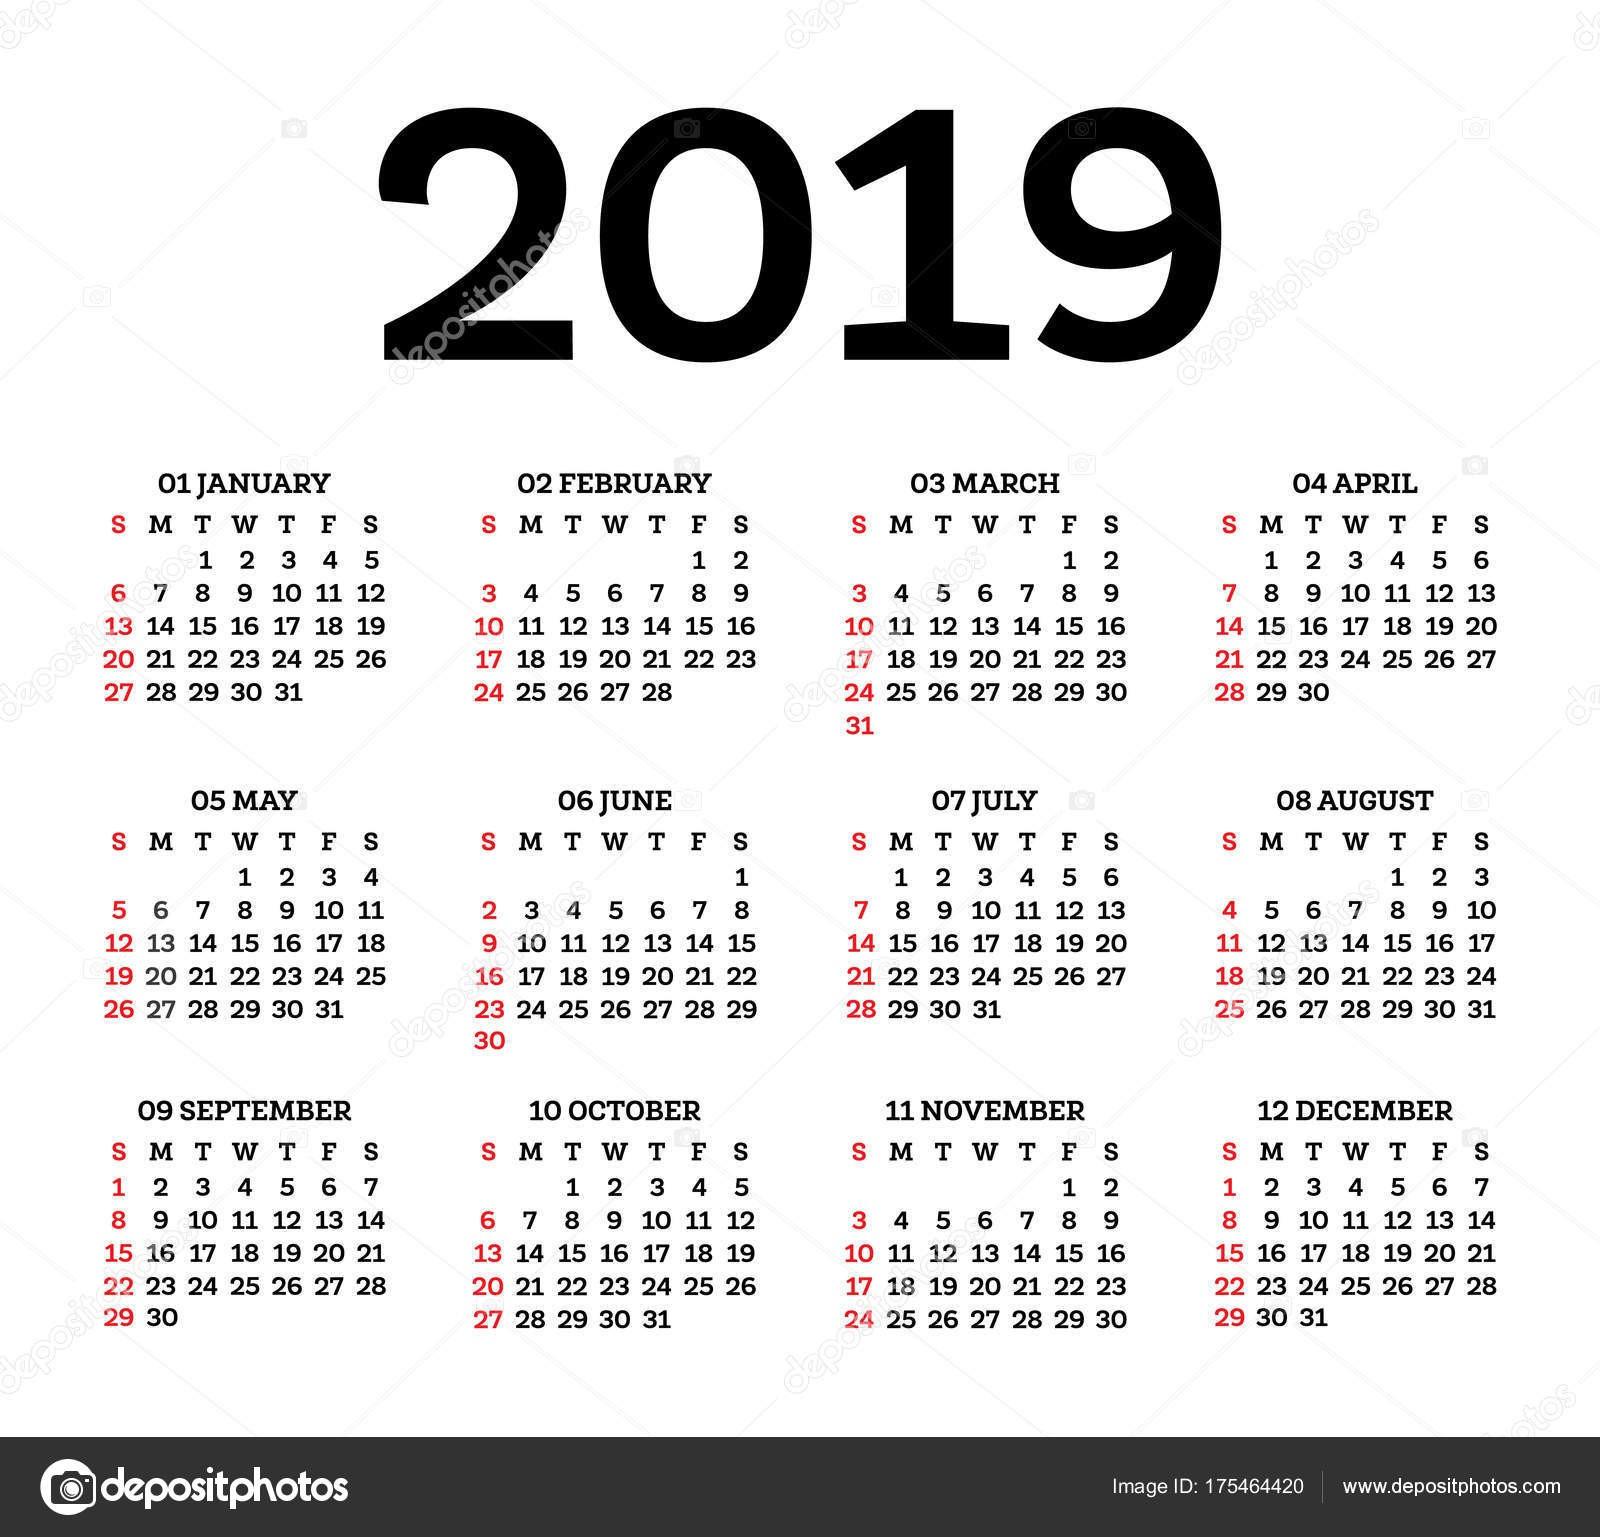 Calendario Sep Agosto 2019 Más Recientes Kalendář 2019 Izolovan½ch Na Blém Pozad T½den Začná Od Slunce